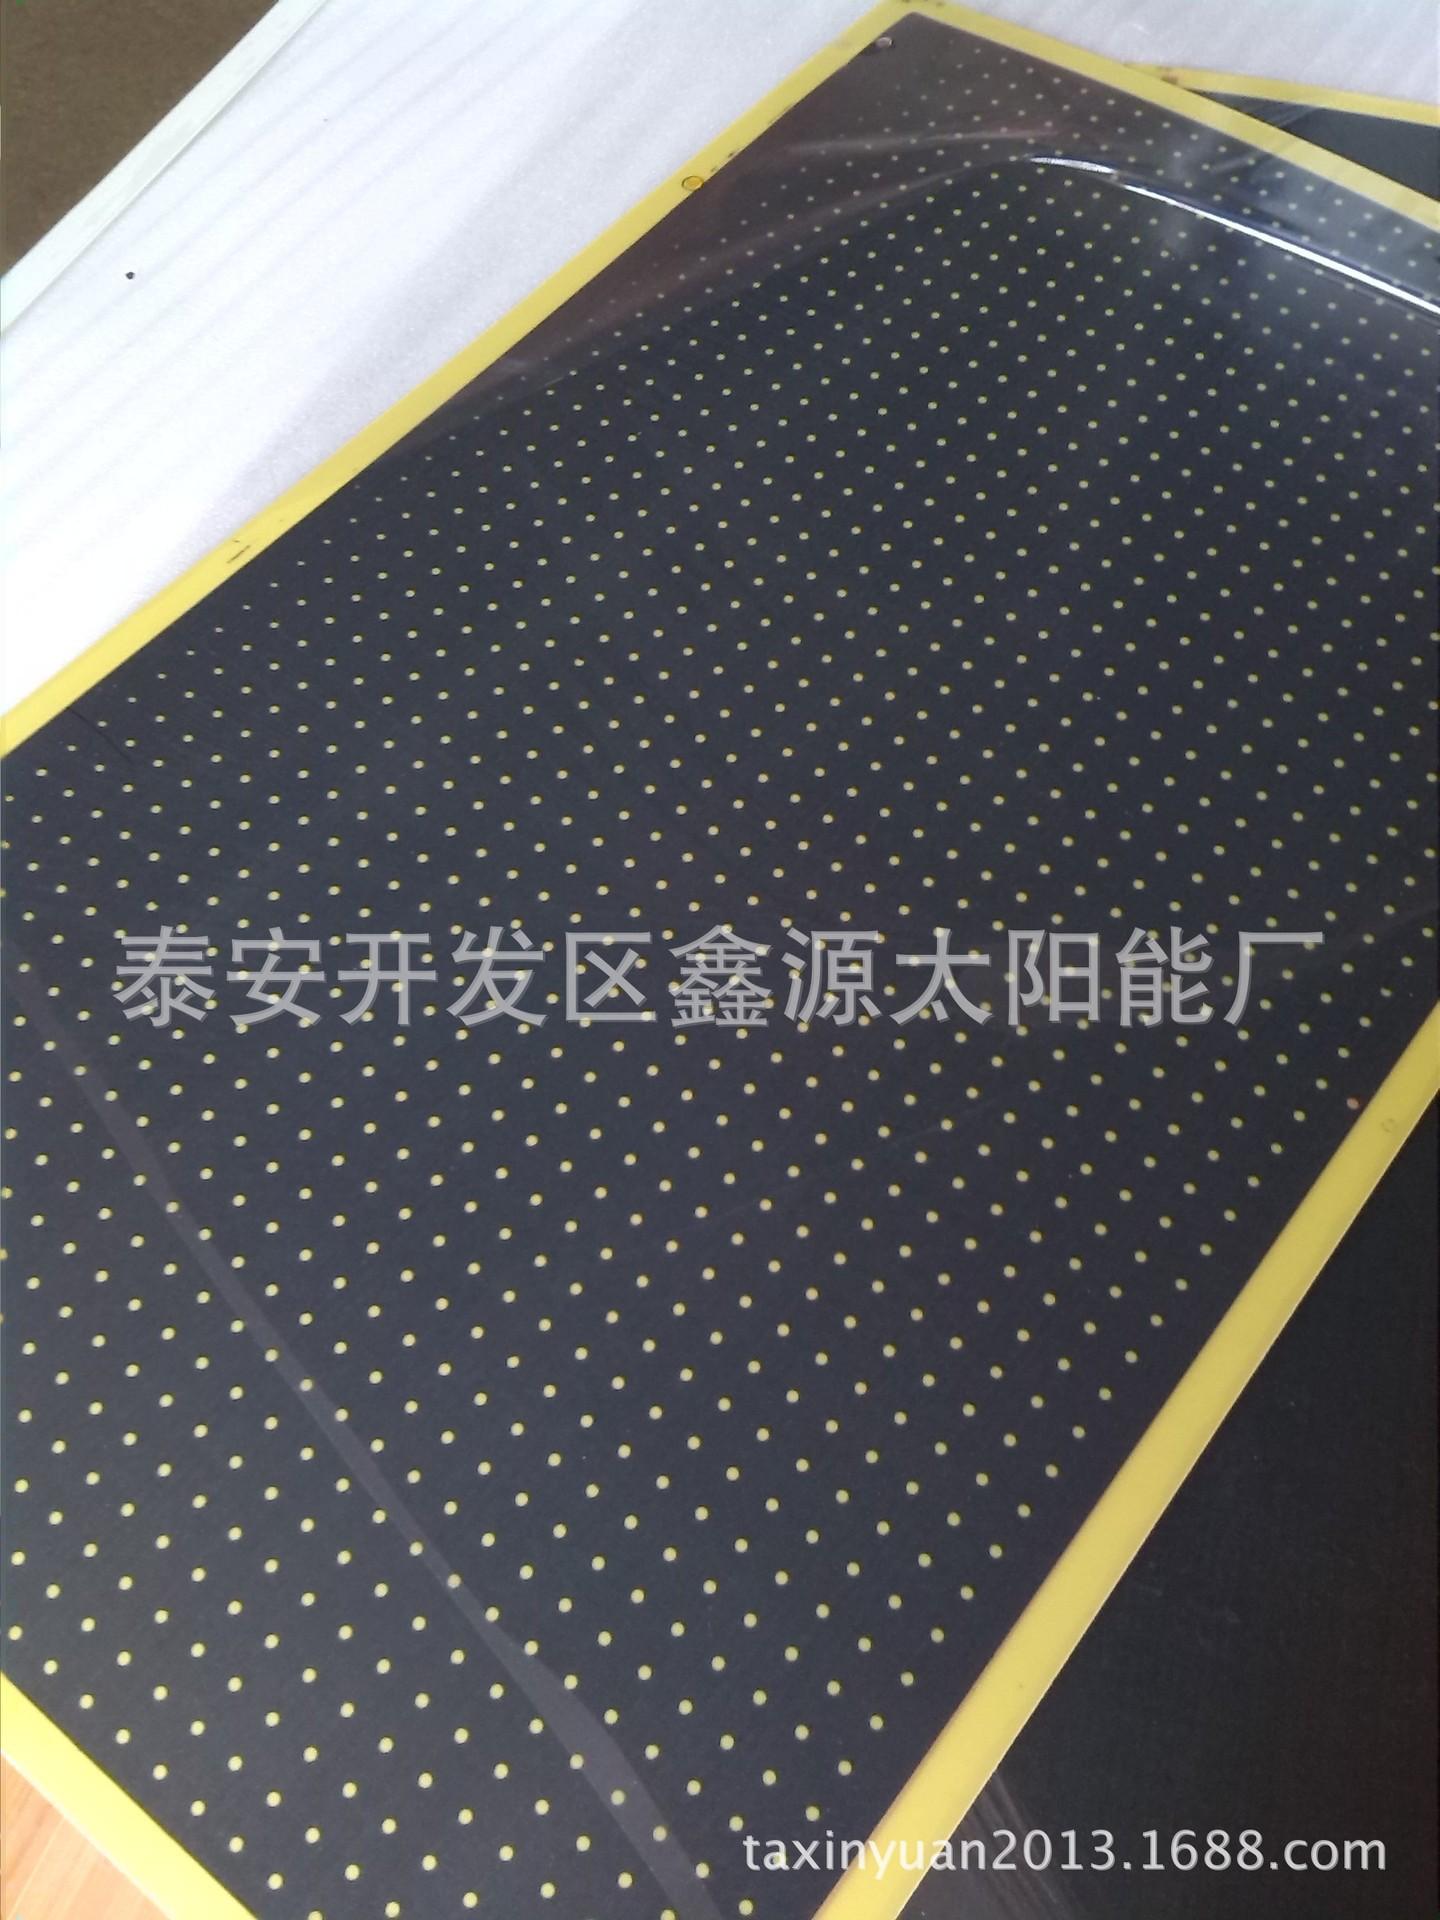 专业生产 专业碳晶地暖发热板 特价热销现货碳晶发热板 量大从优